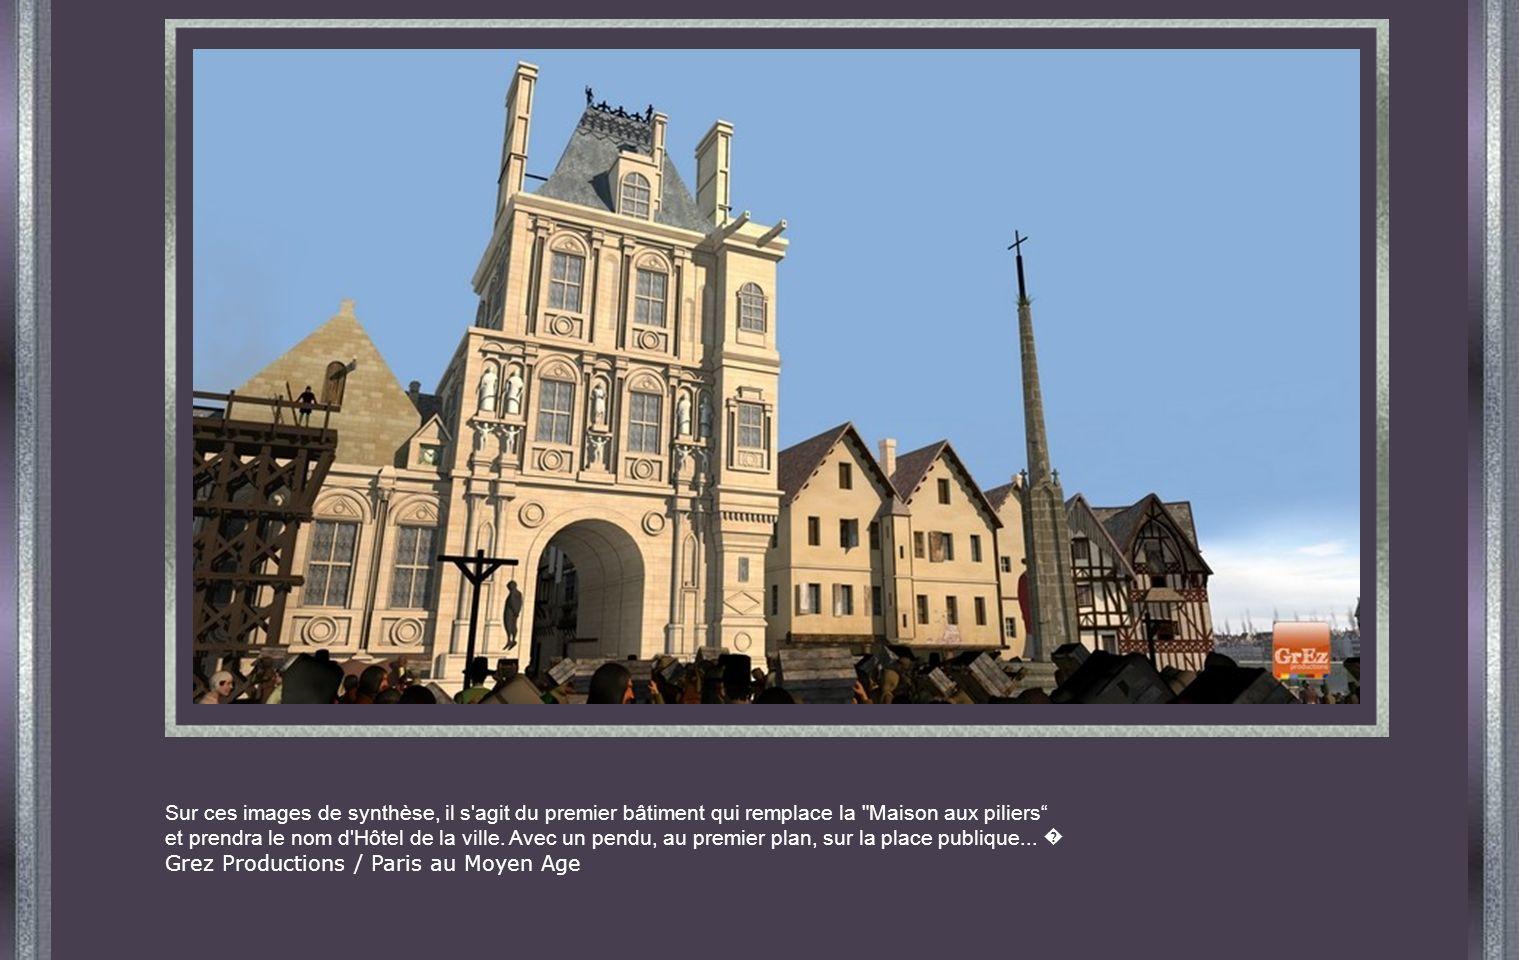 Sur ces images de synthèse, il s agit du premier bâtiment qui remplace la Maison aux piliers